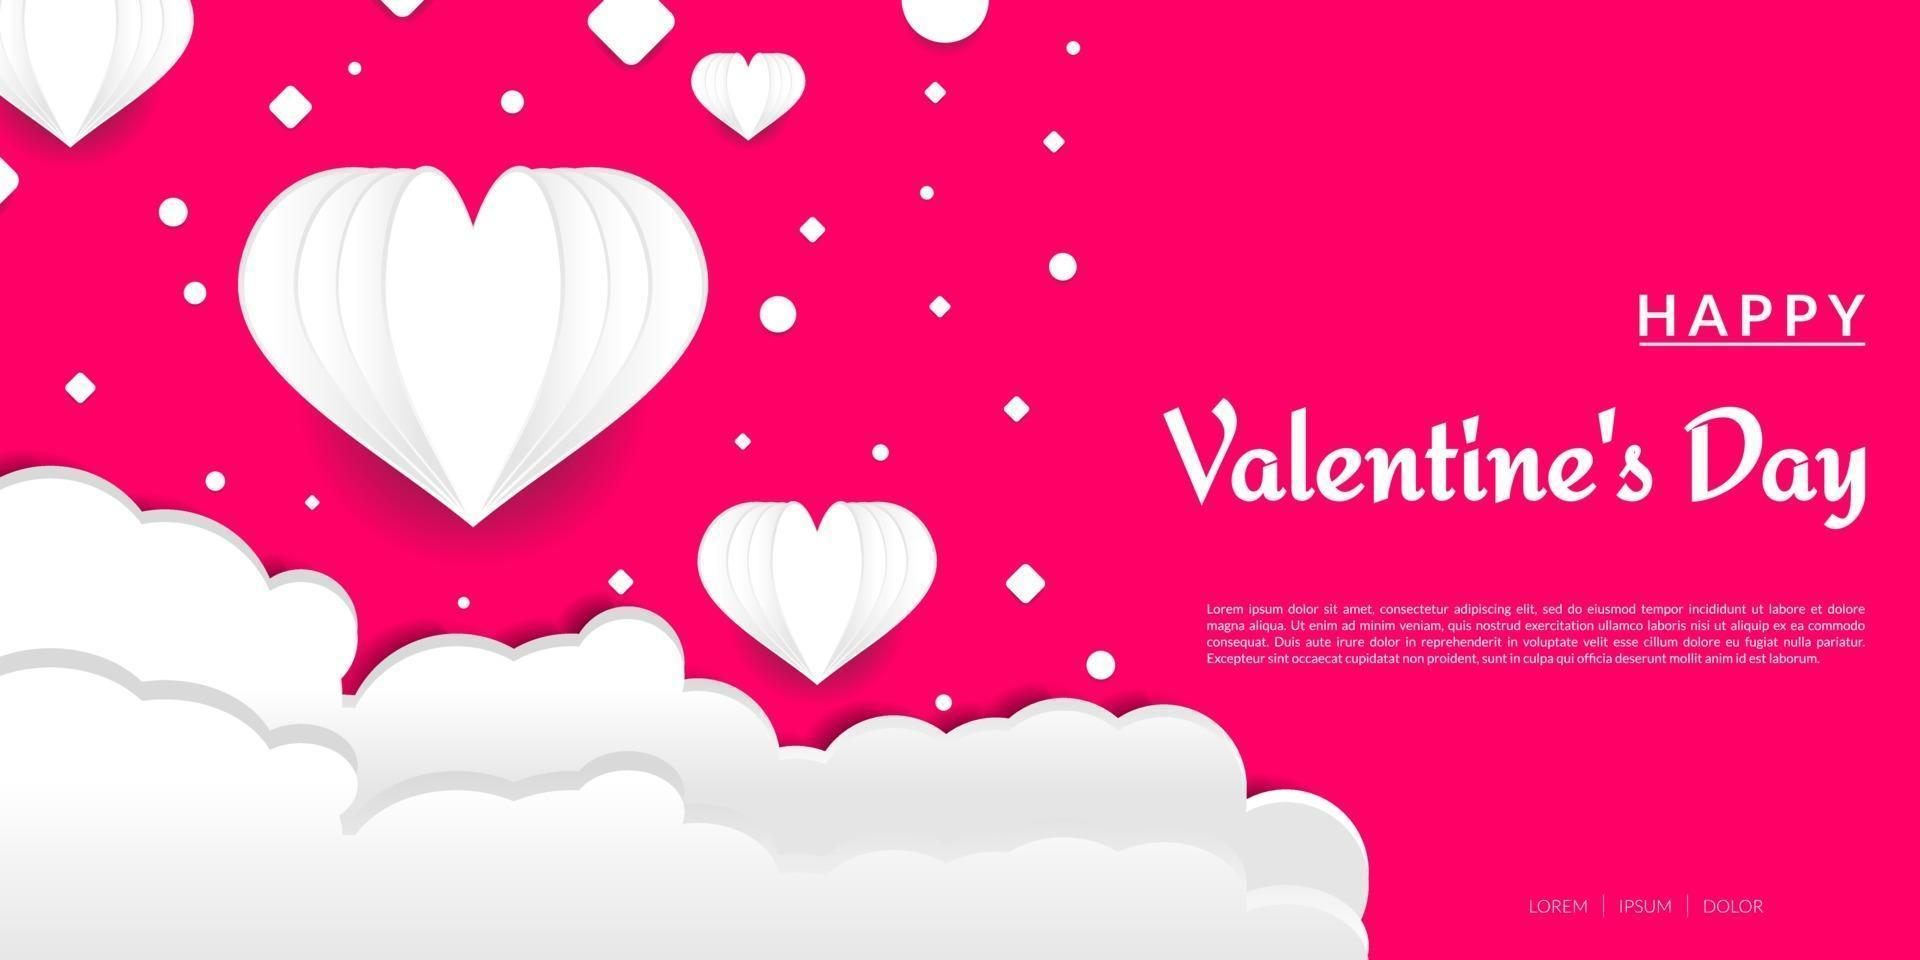 fond de la Saint-Valentin vecteur